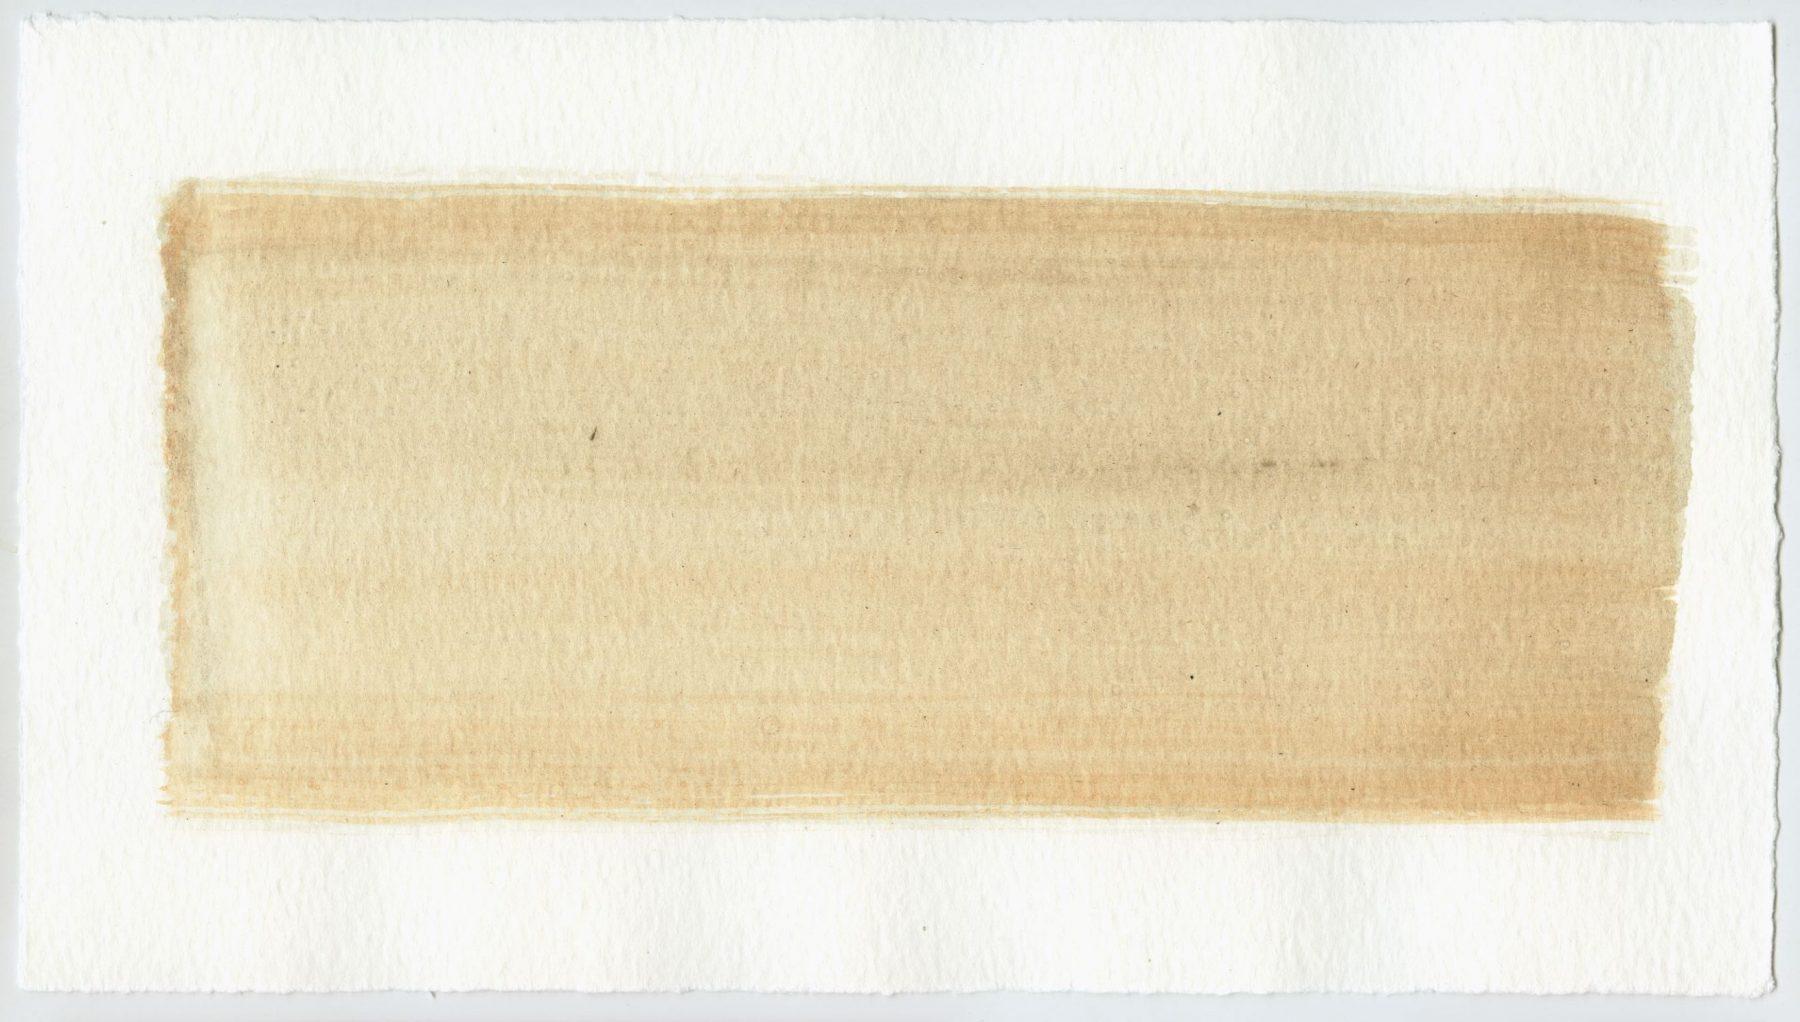 Brush stroke no. 25 - Selfmade pigment: Boekels roze, Boekels grijs